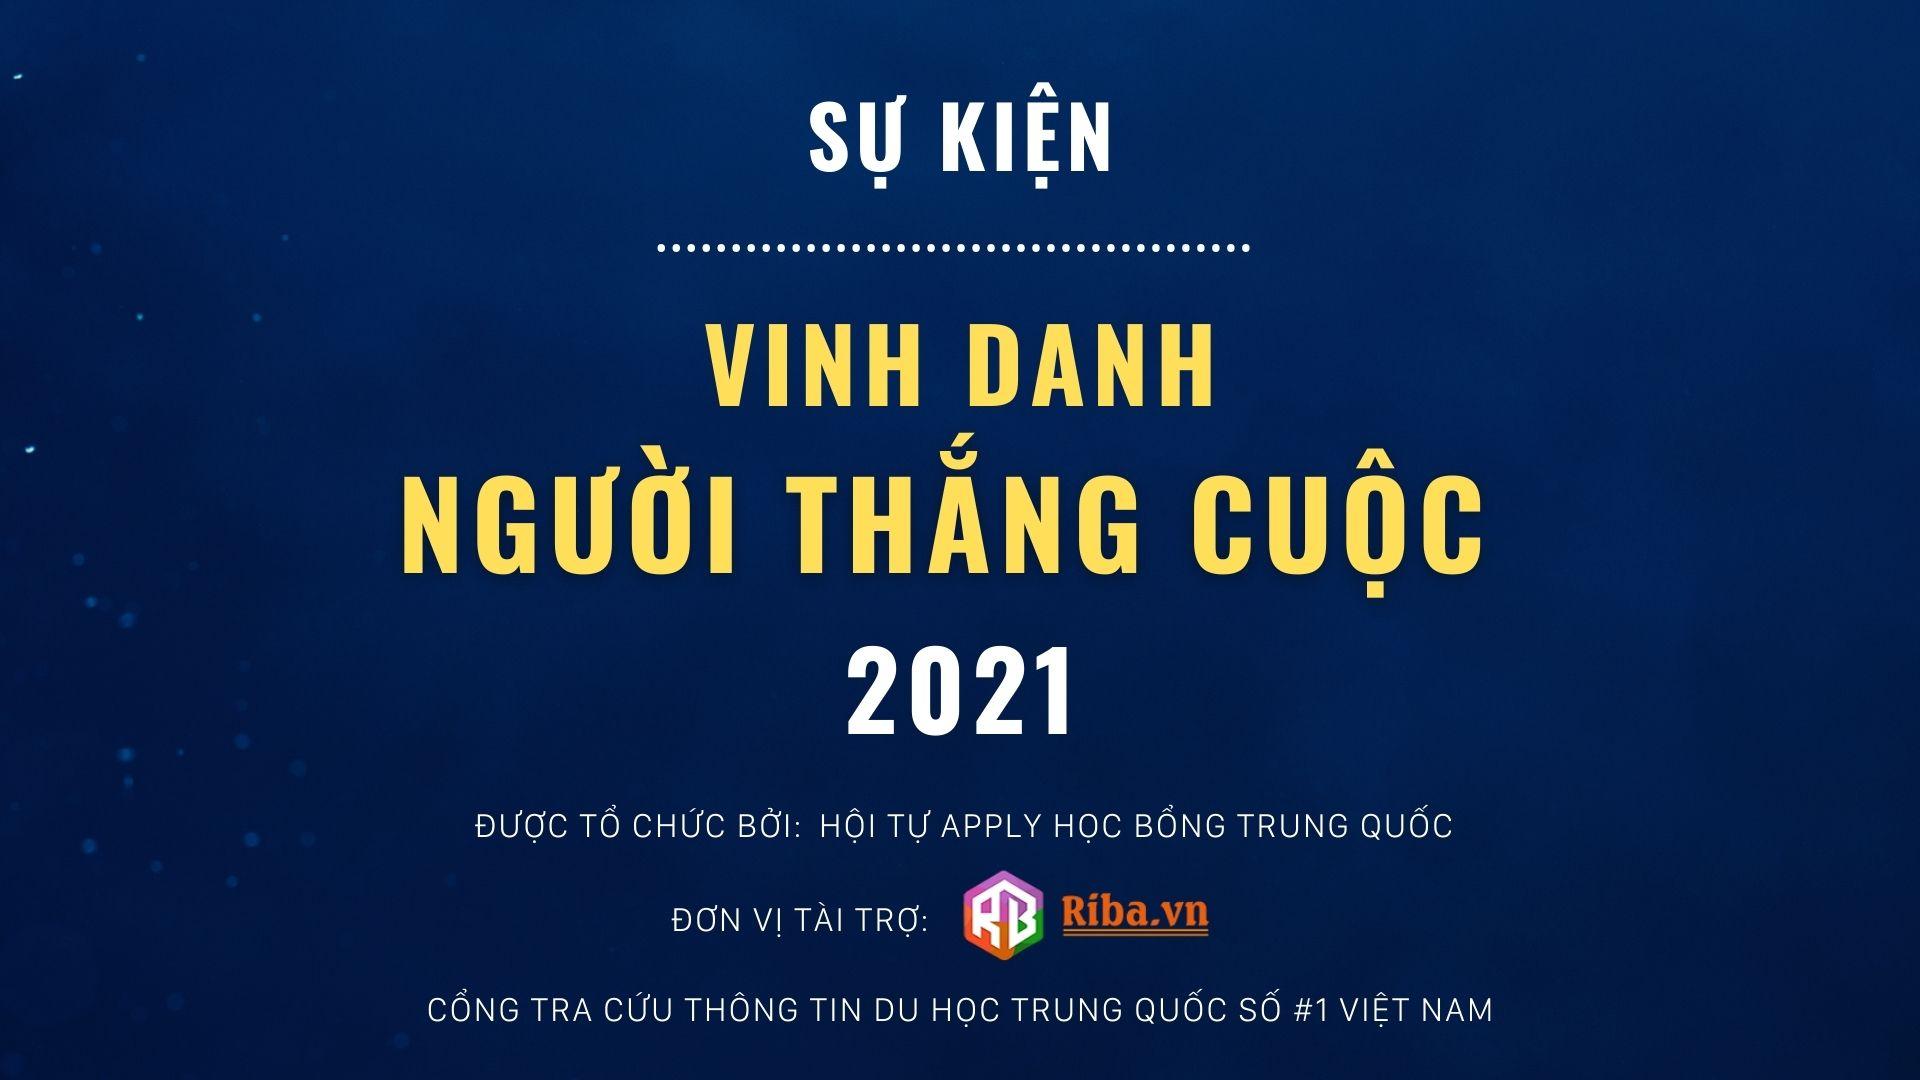 """SỰ KIỆN VINH DANH """"NGƯỜI THẮNG CUỘC"""" 2021"""